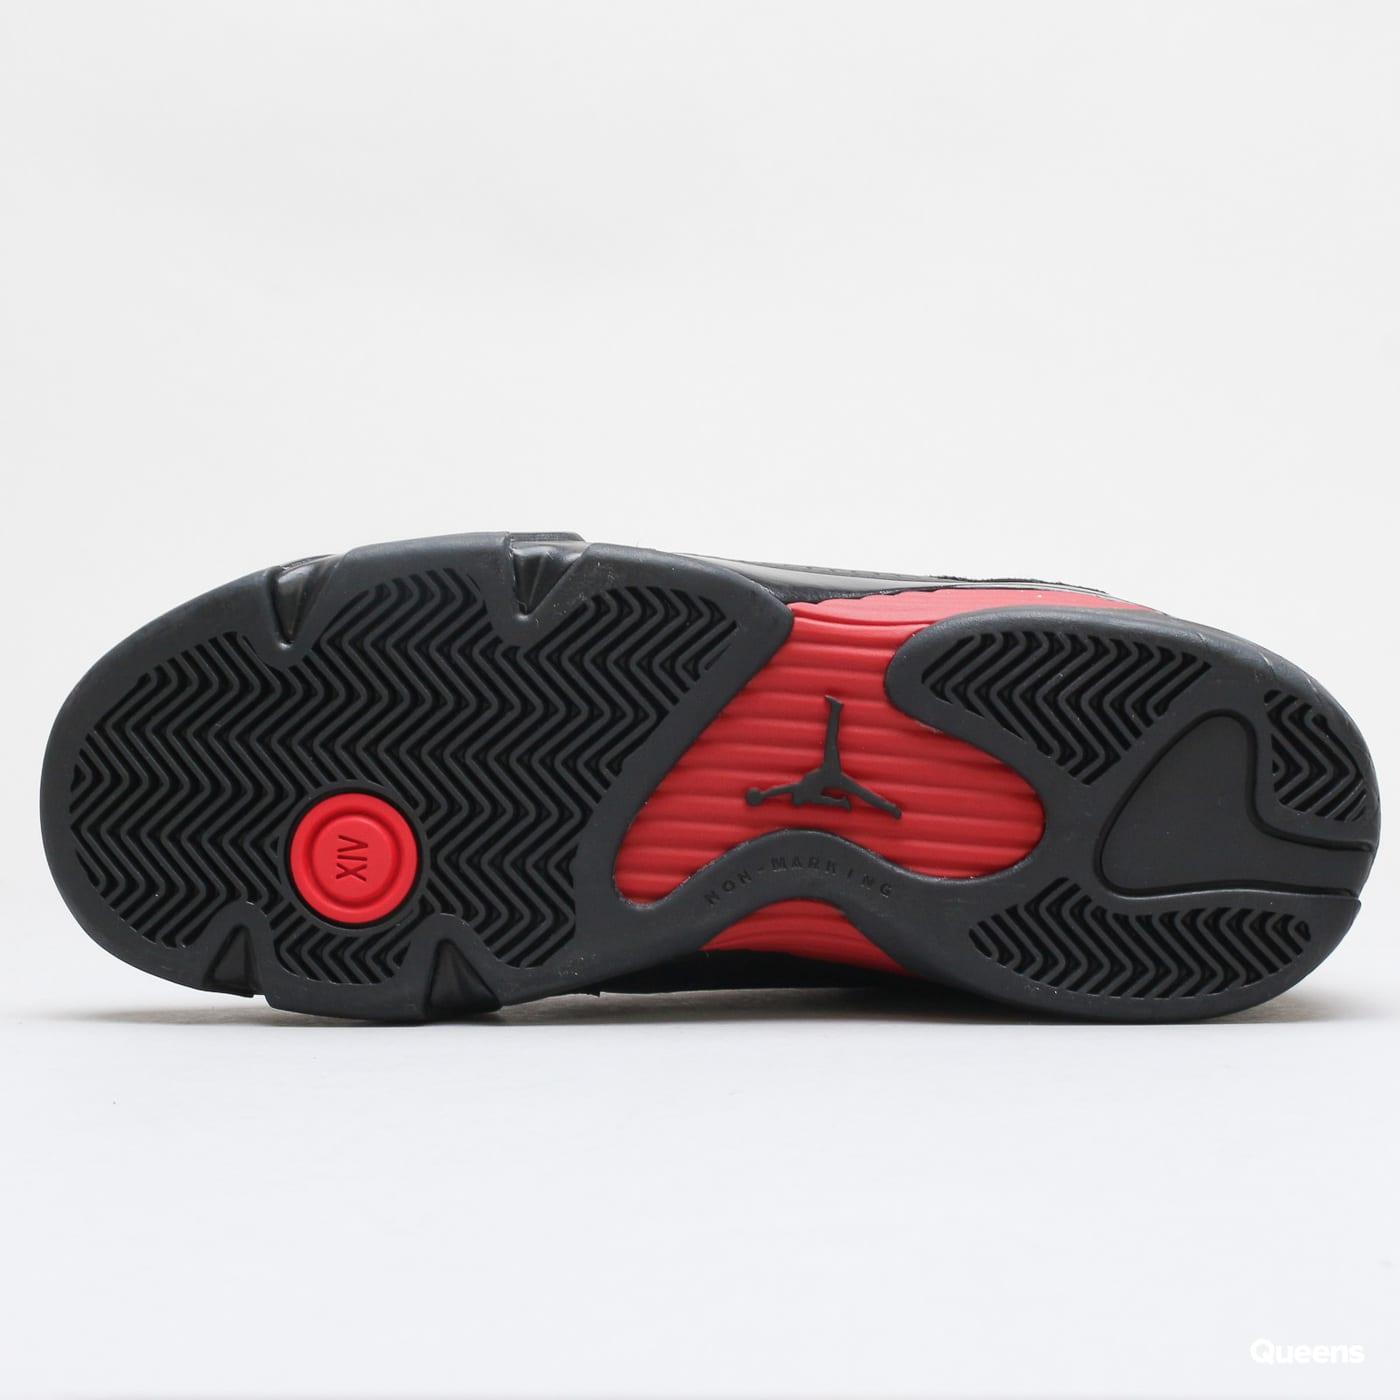 92945b44497b Zoom in Zoom in Zoom in Zoom in Zoom in. Jordan Air Jordan 14 Retro BG black    varsity red ...